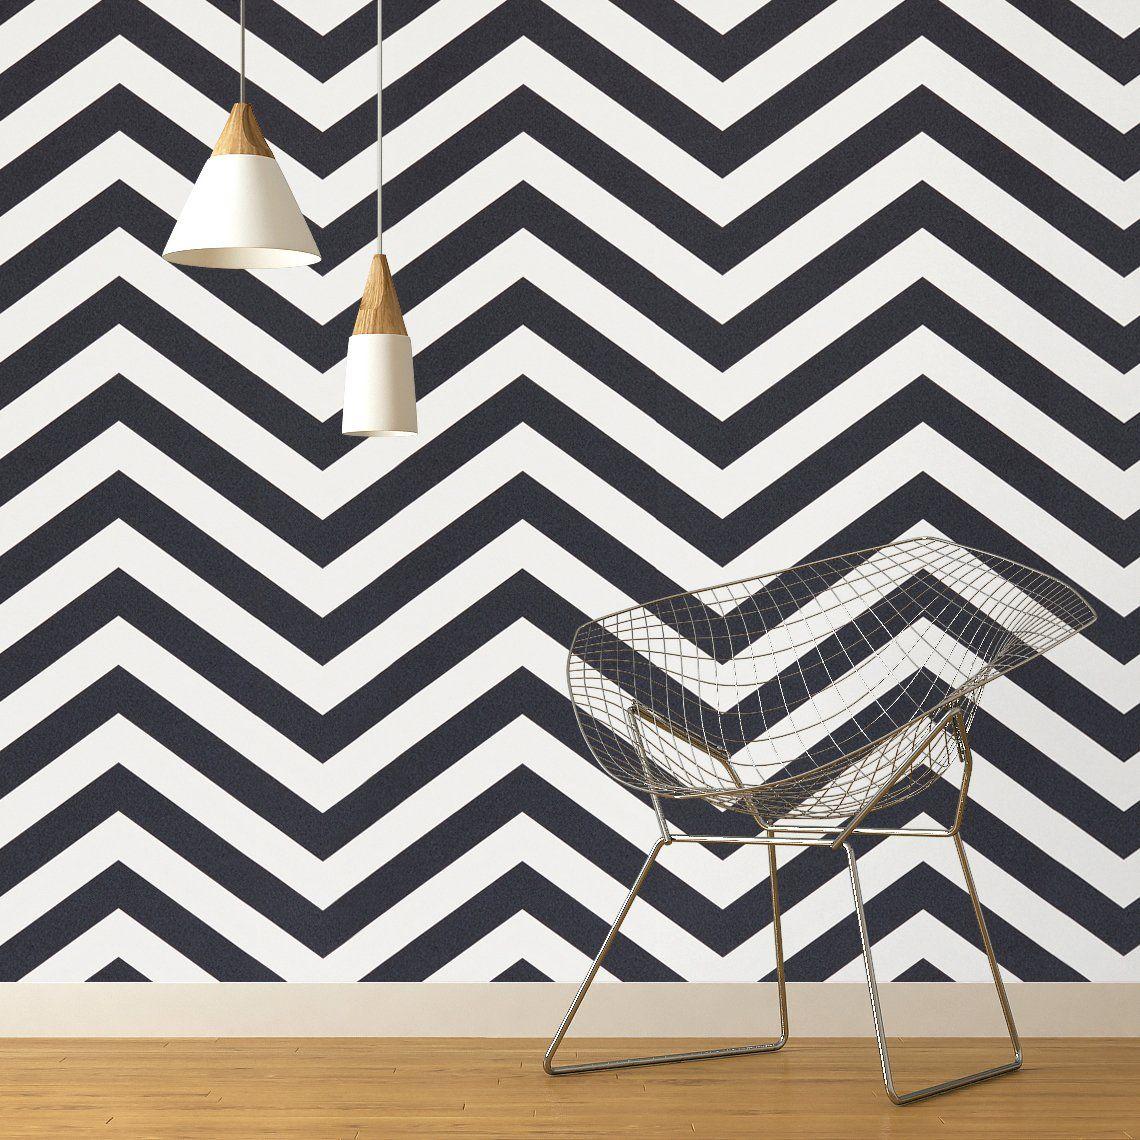 papier peint chevron expans sur intiss motif g om trique noir et blanc peinture et papier. Black Bedroom Furniture Sets. Home Design Ideas